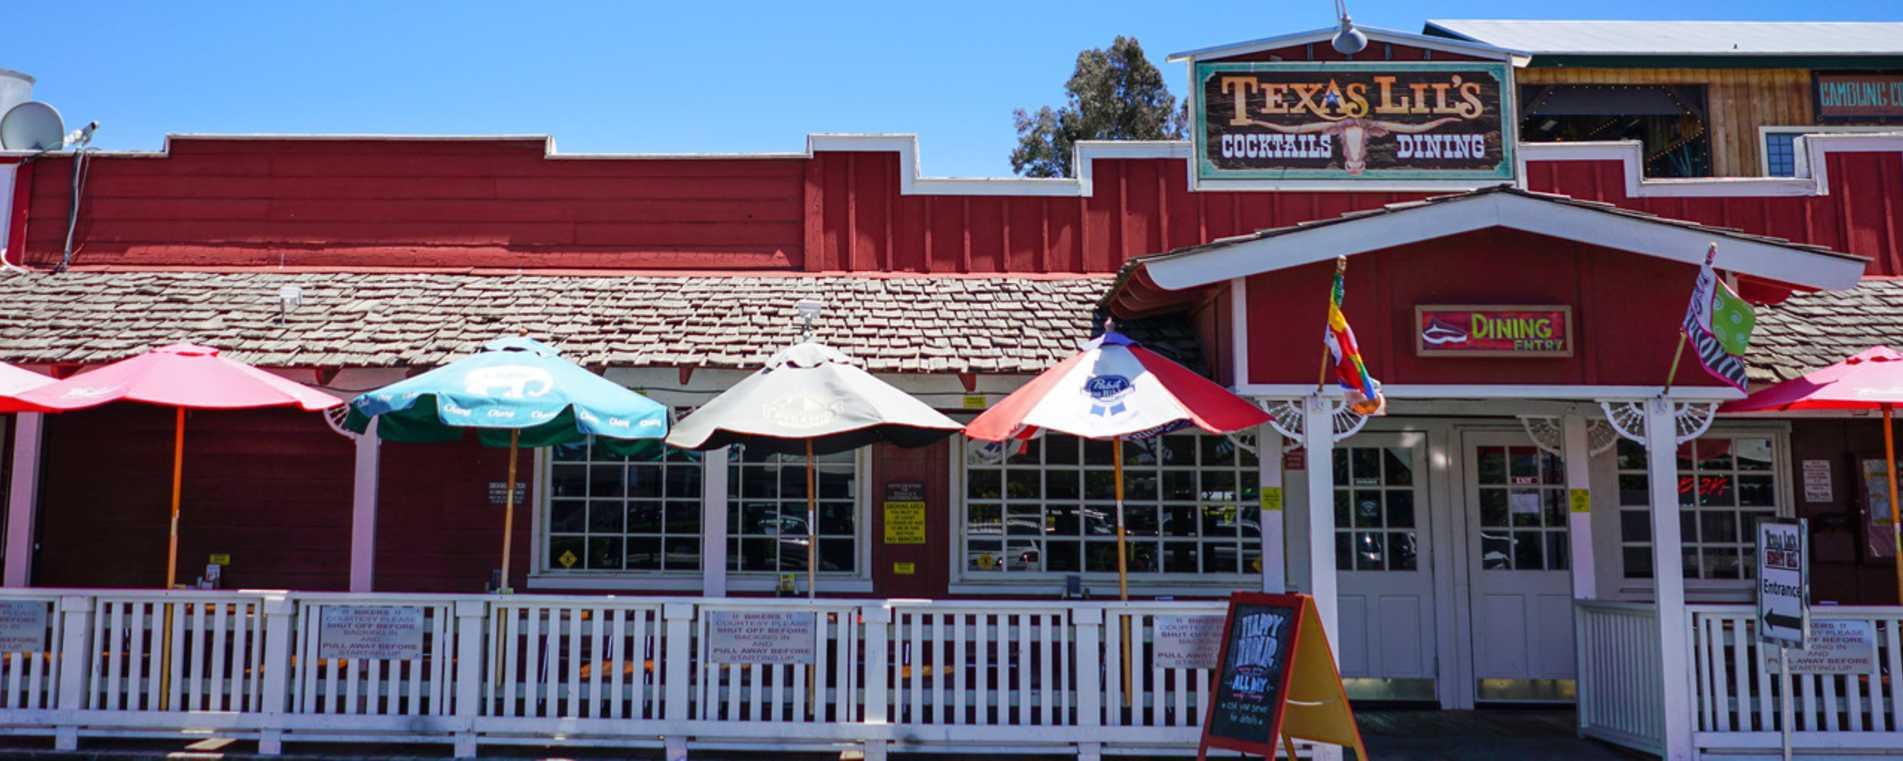 Texas-Lils